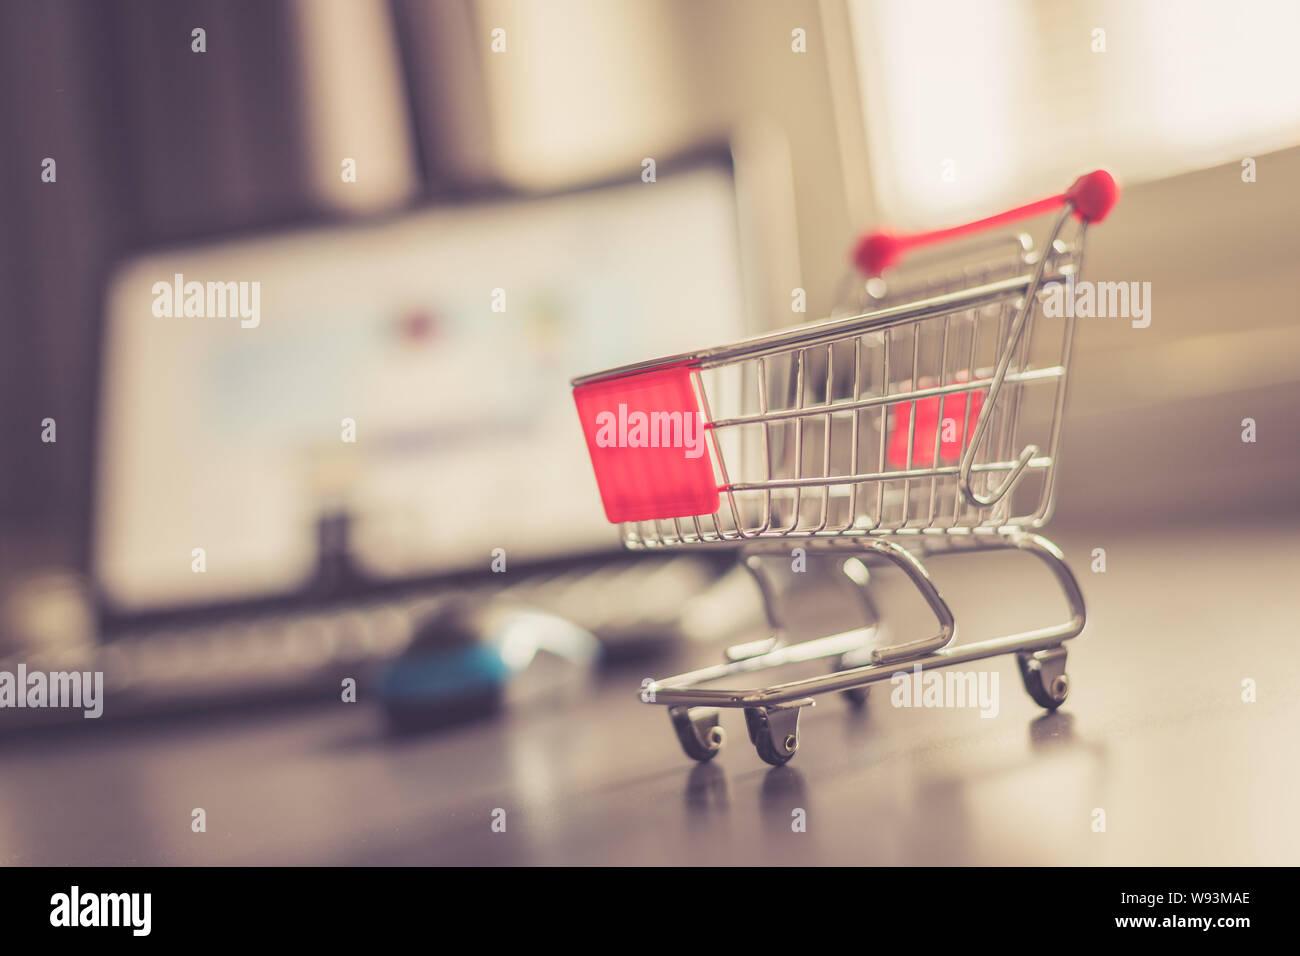 Online-Shopping Konzept: Miniatur Warenkorb, Laptop und Maus im verschwommenen Hintergrund Stockfoto